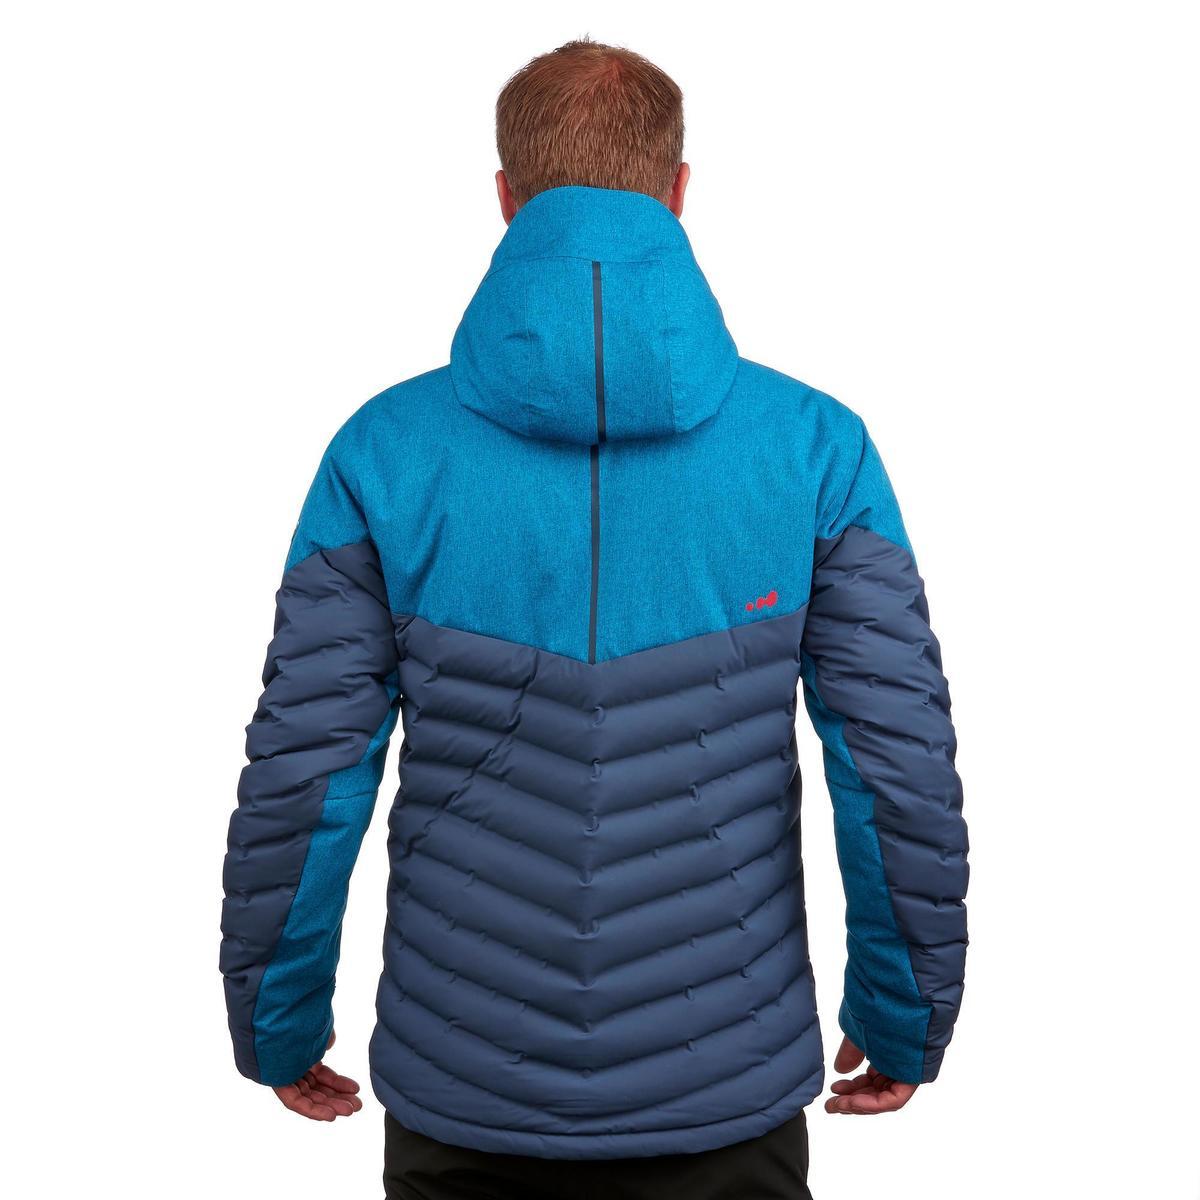 Bild 5 von Skijacke Piste 900 Warm Herren marineblau